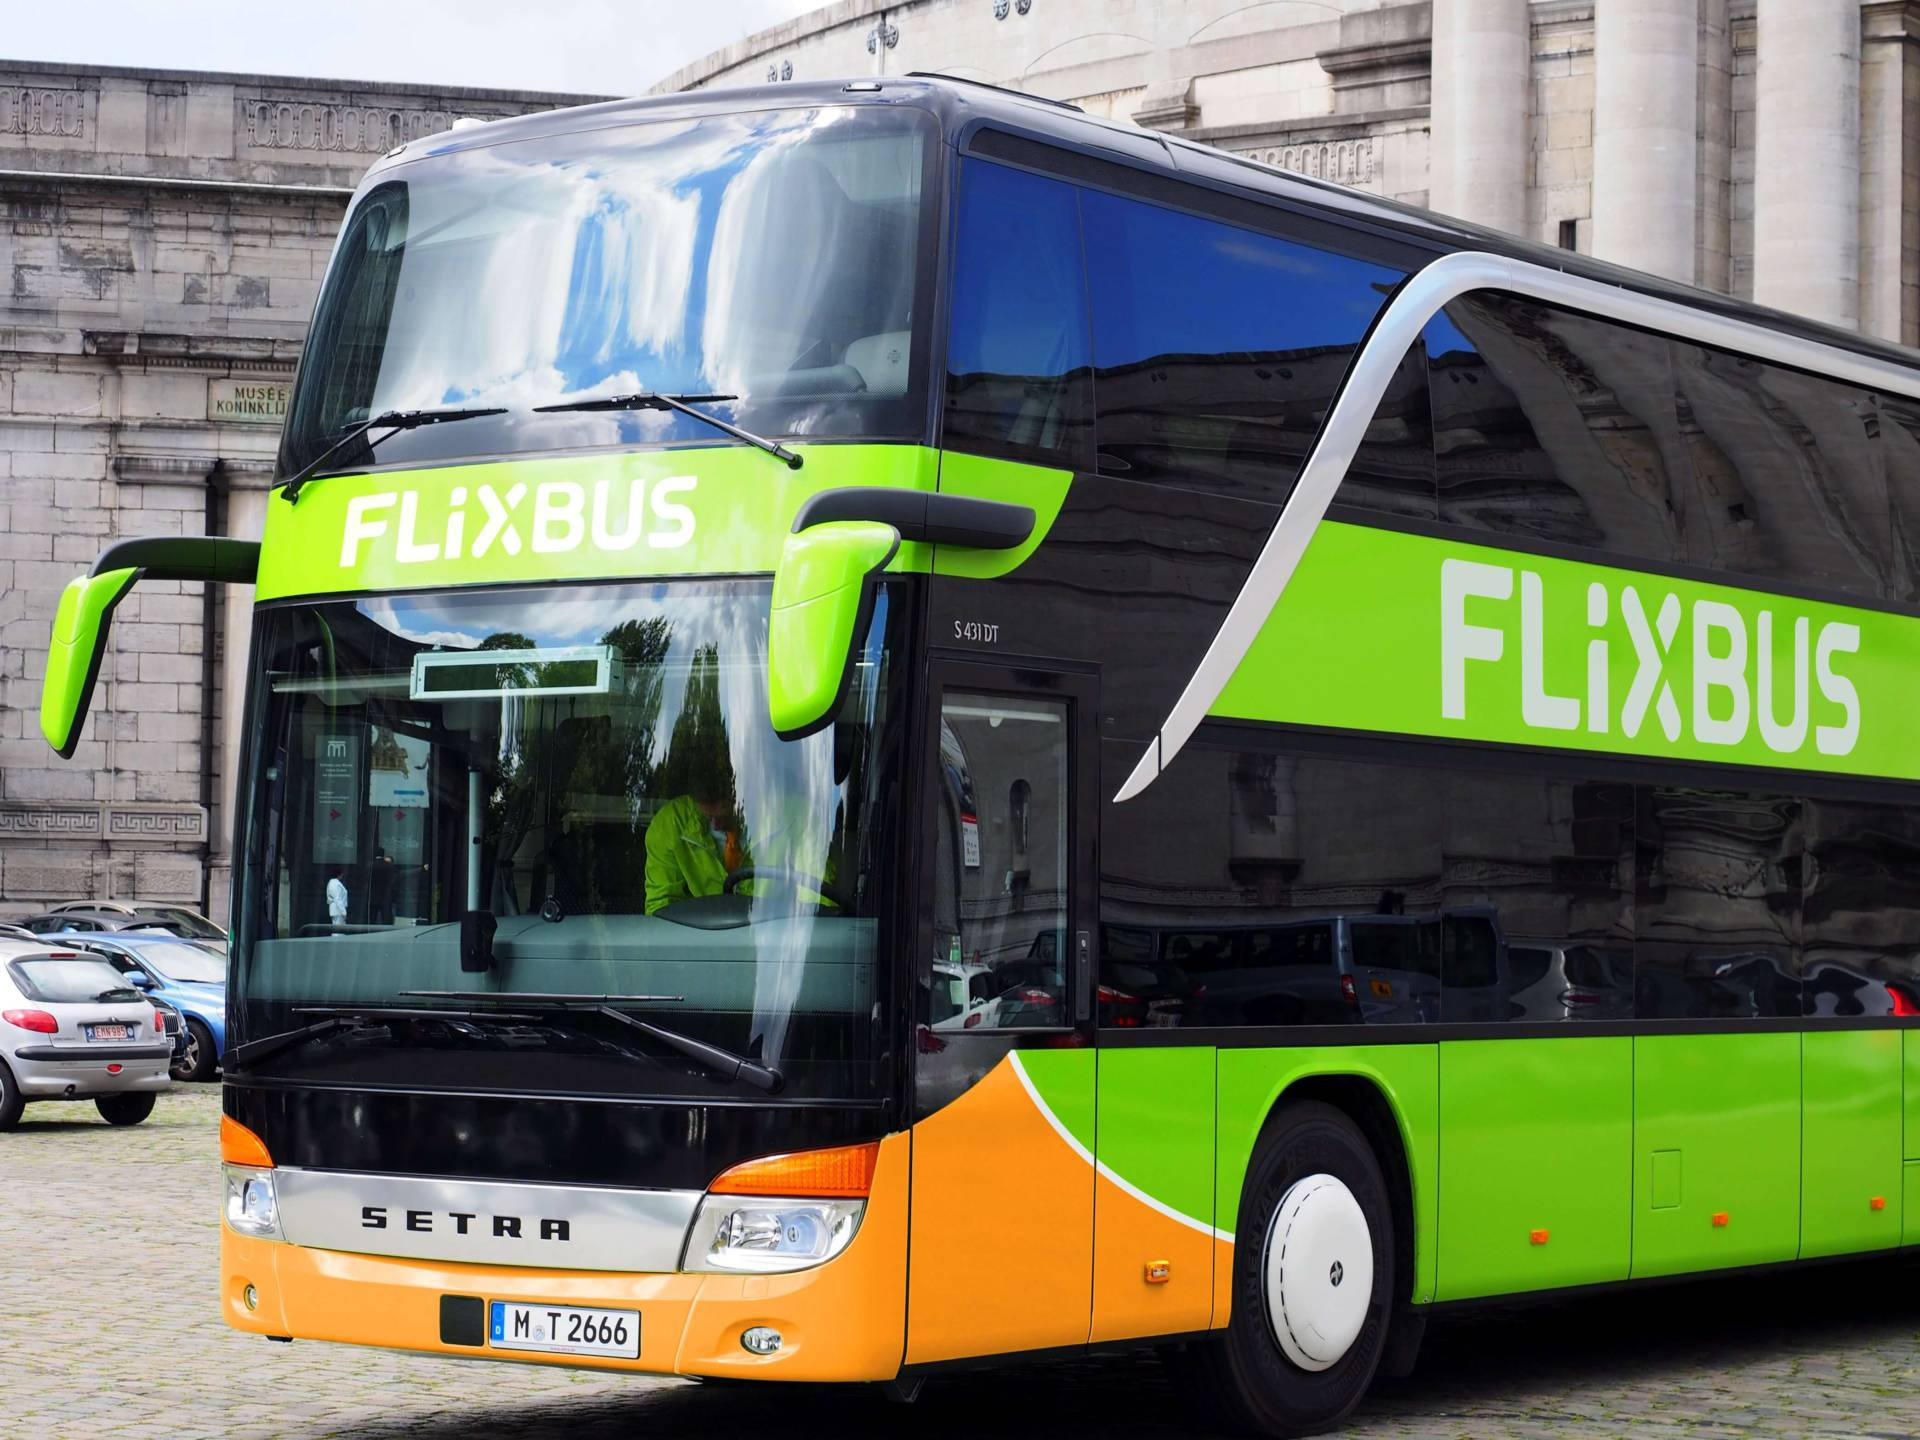 My Flixbus